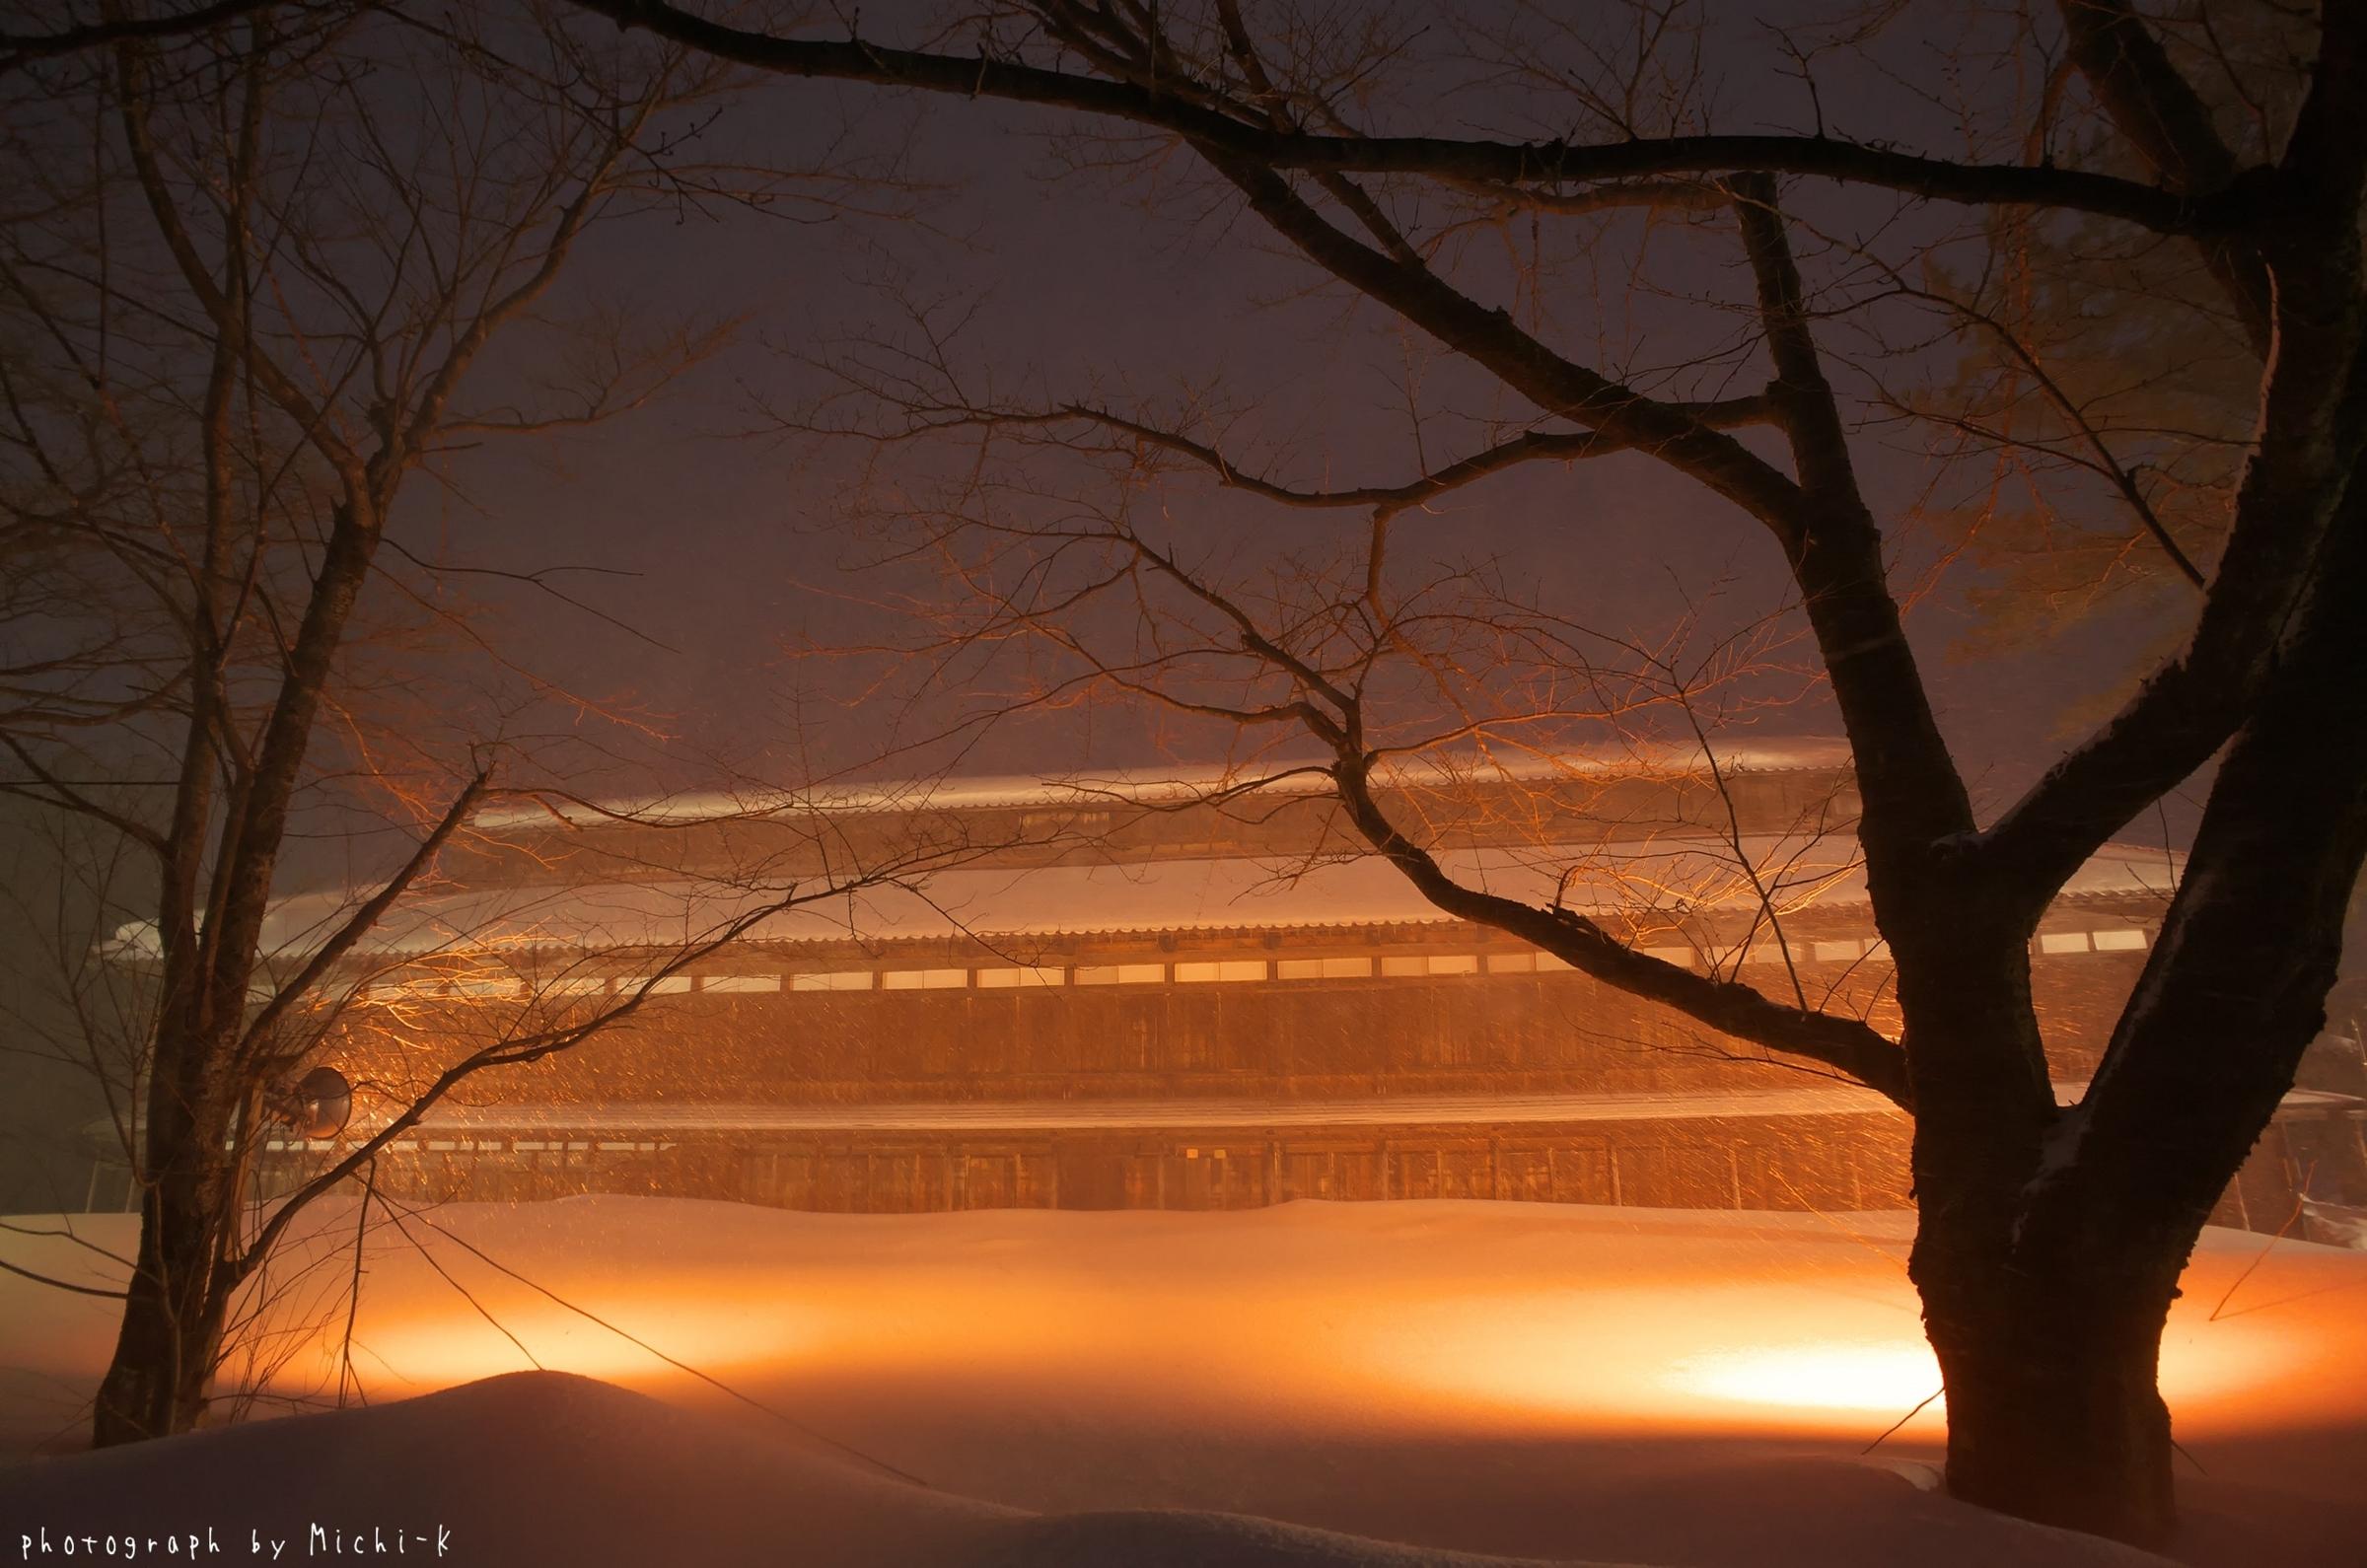 鶴岡市松ヶ丘雪灯篭まつり2018-2-18その6